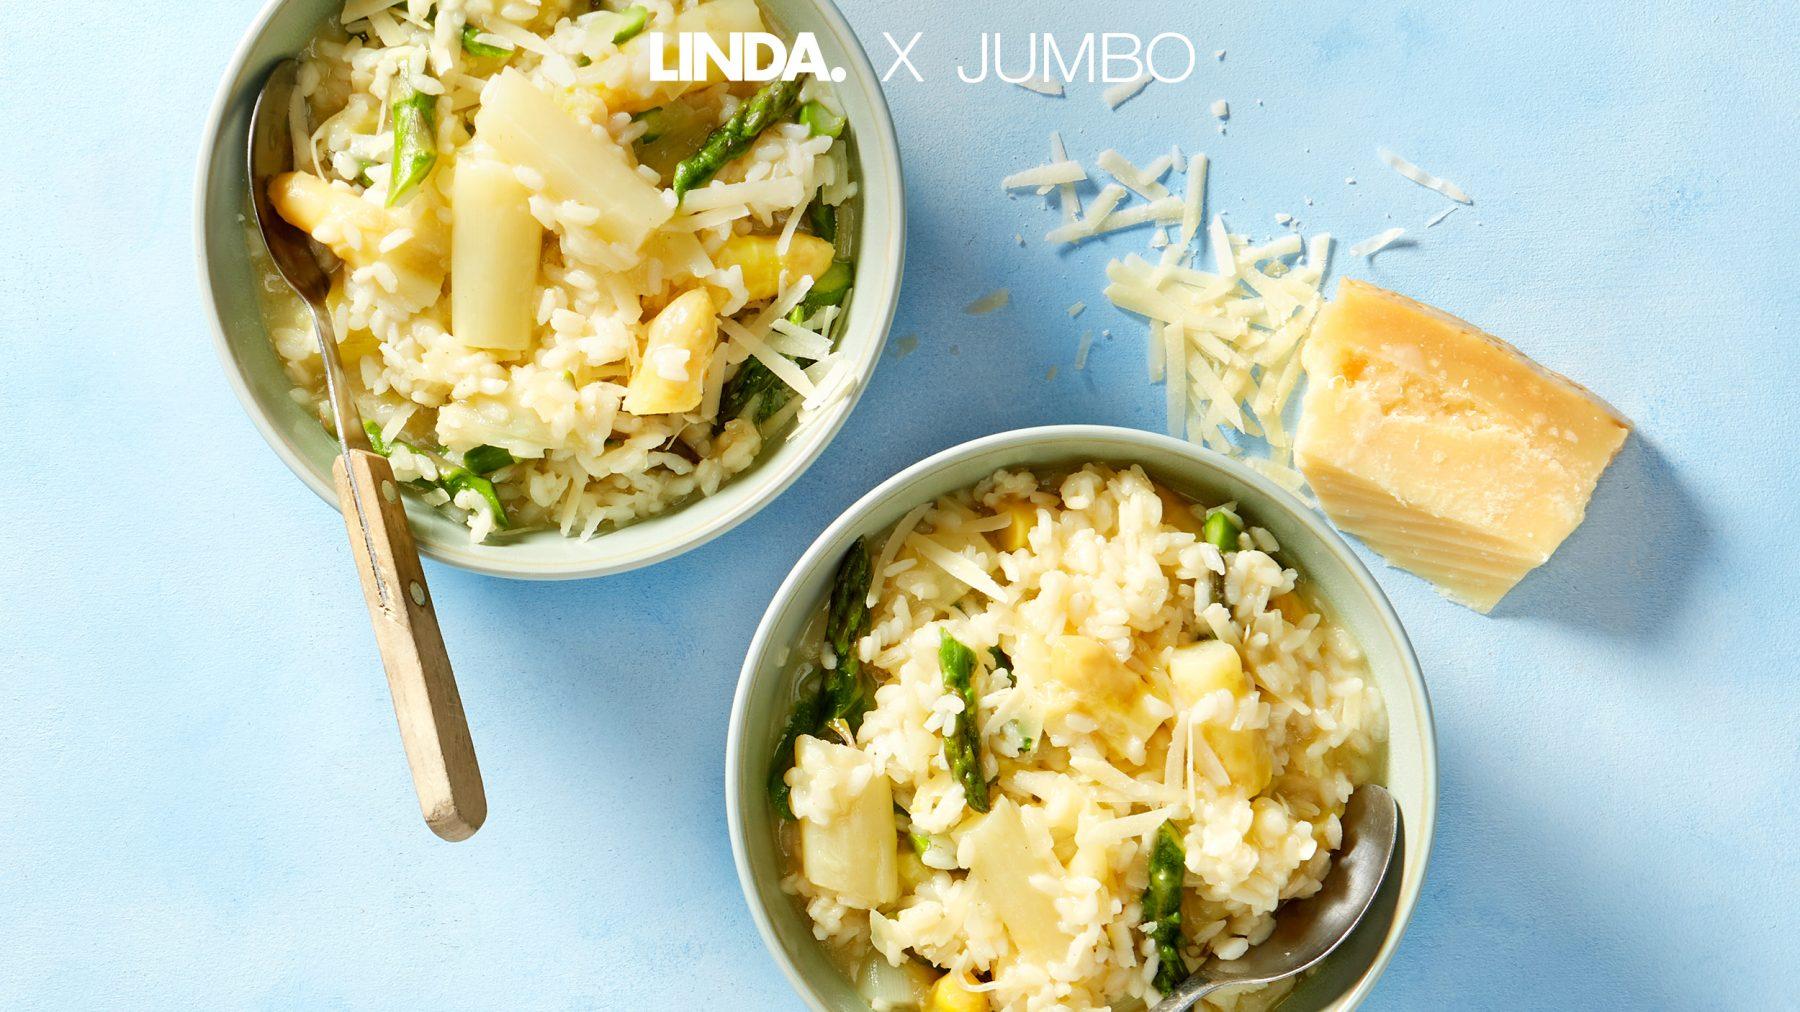 Het ultieme comfort food in de lente: risotto met witte en groene asperges